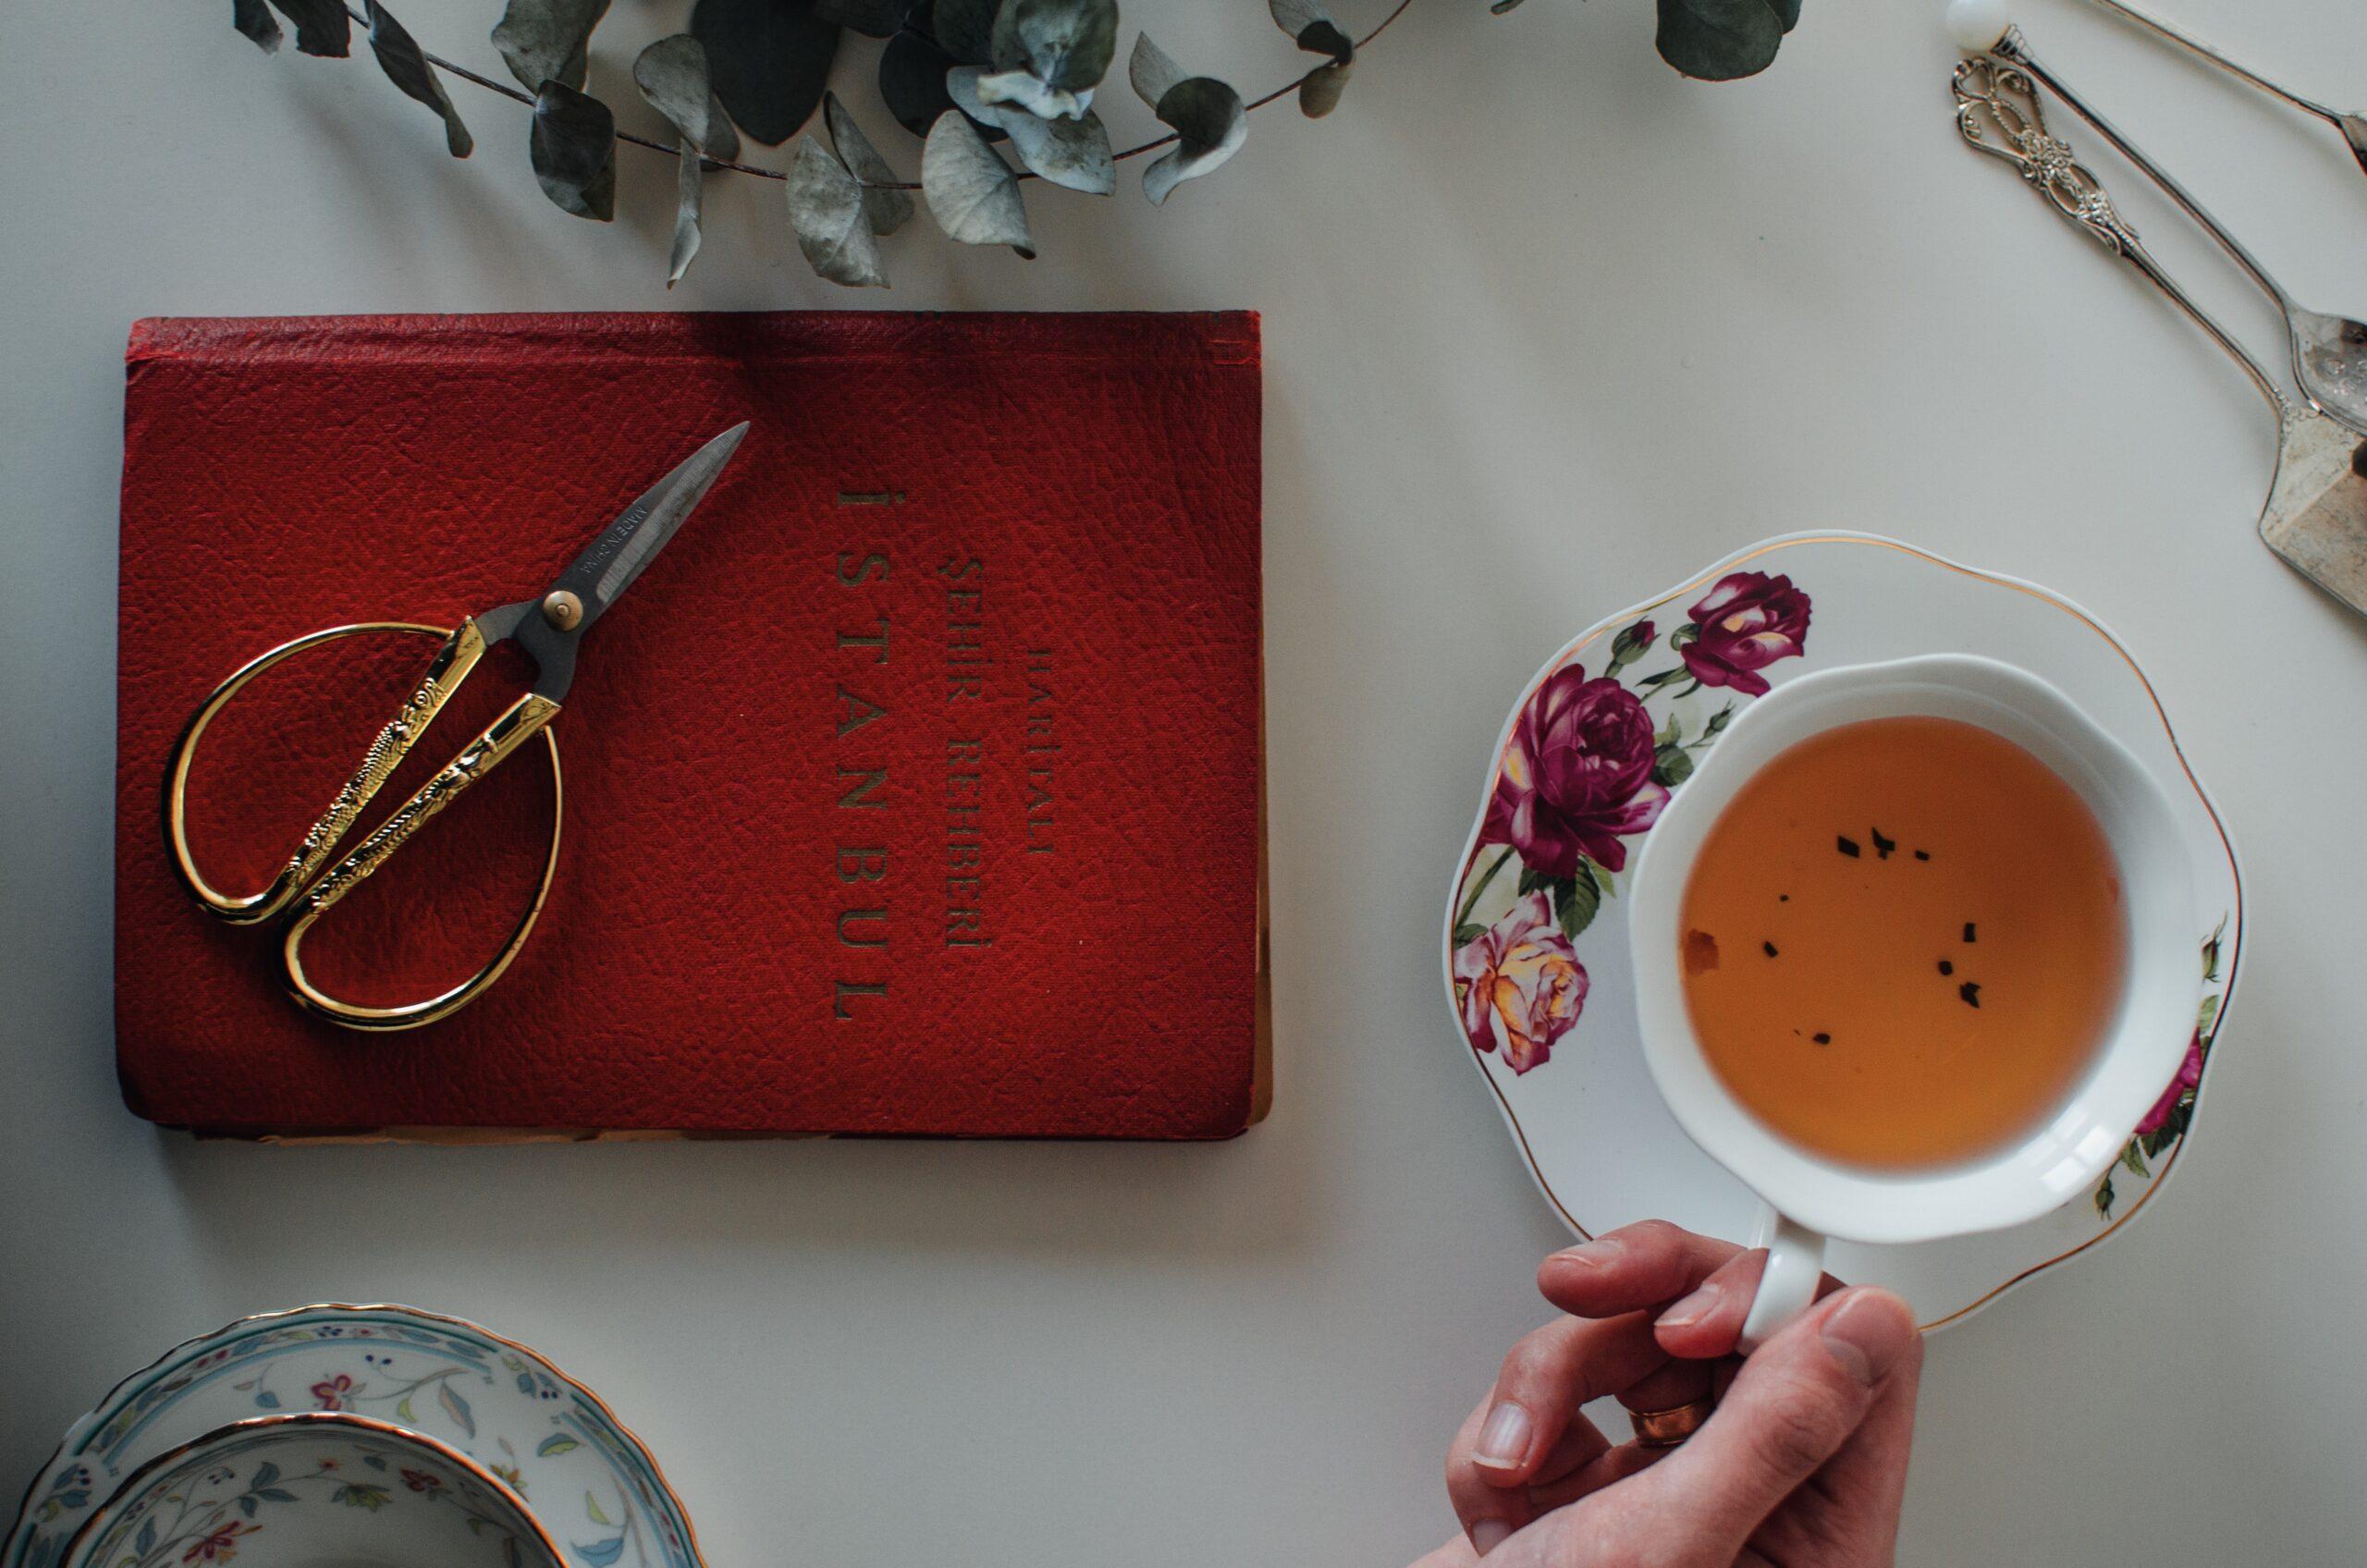 manfaat teh hitam untuk wajah